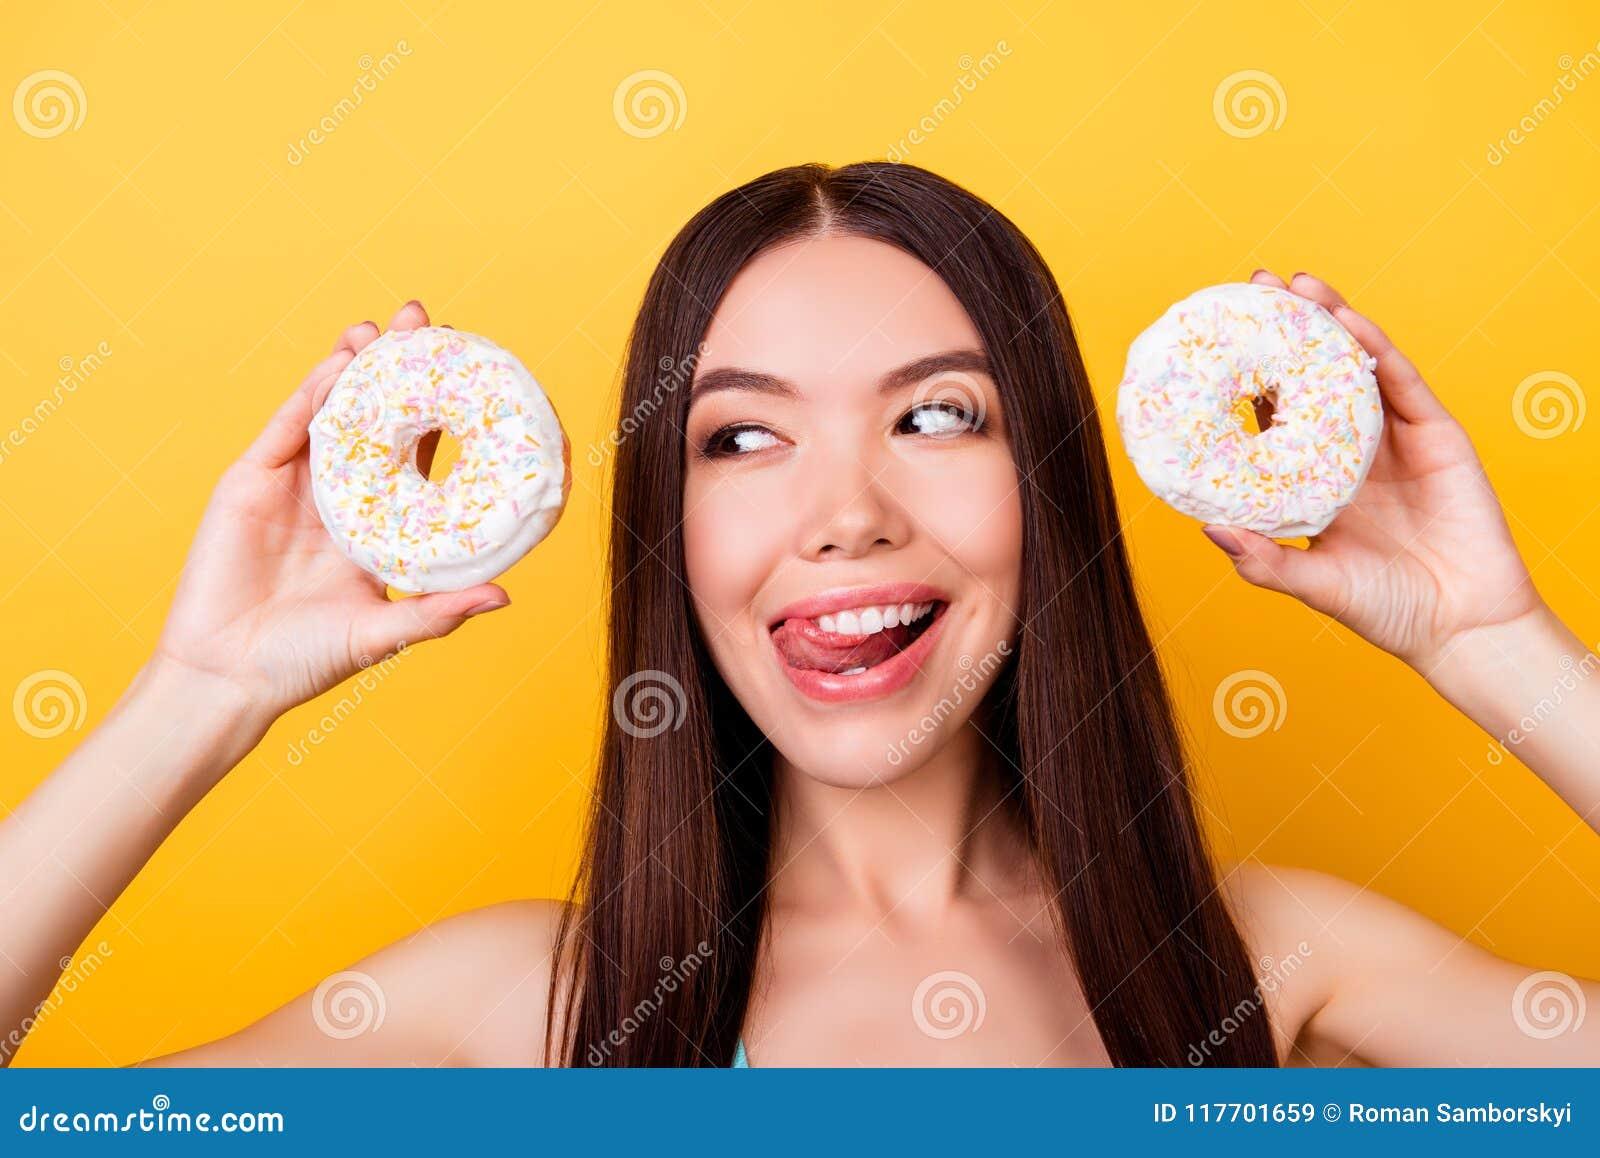 Dieta e calorias do conceito Feche acima do retrato da menina asiática feliz que olha em donutes com tounge para fora, tão brinca